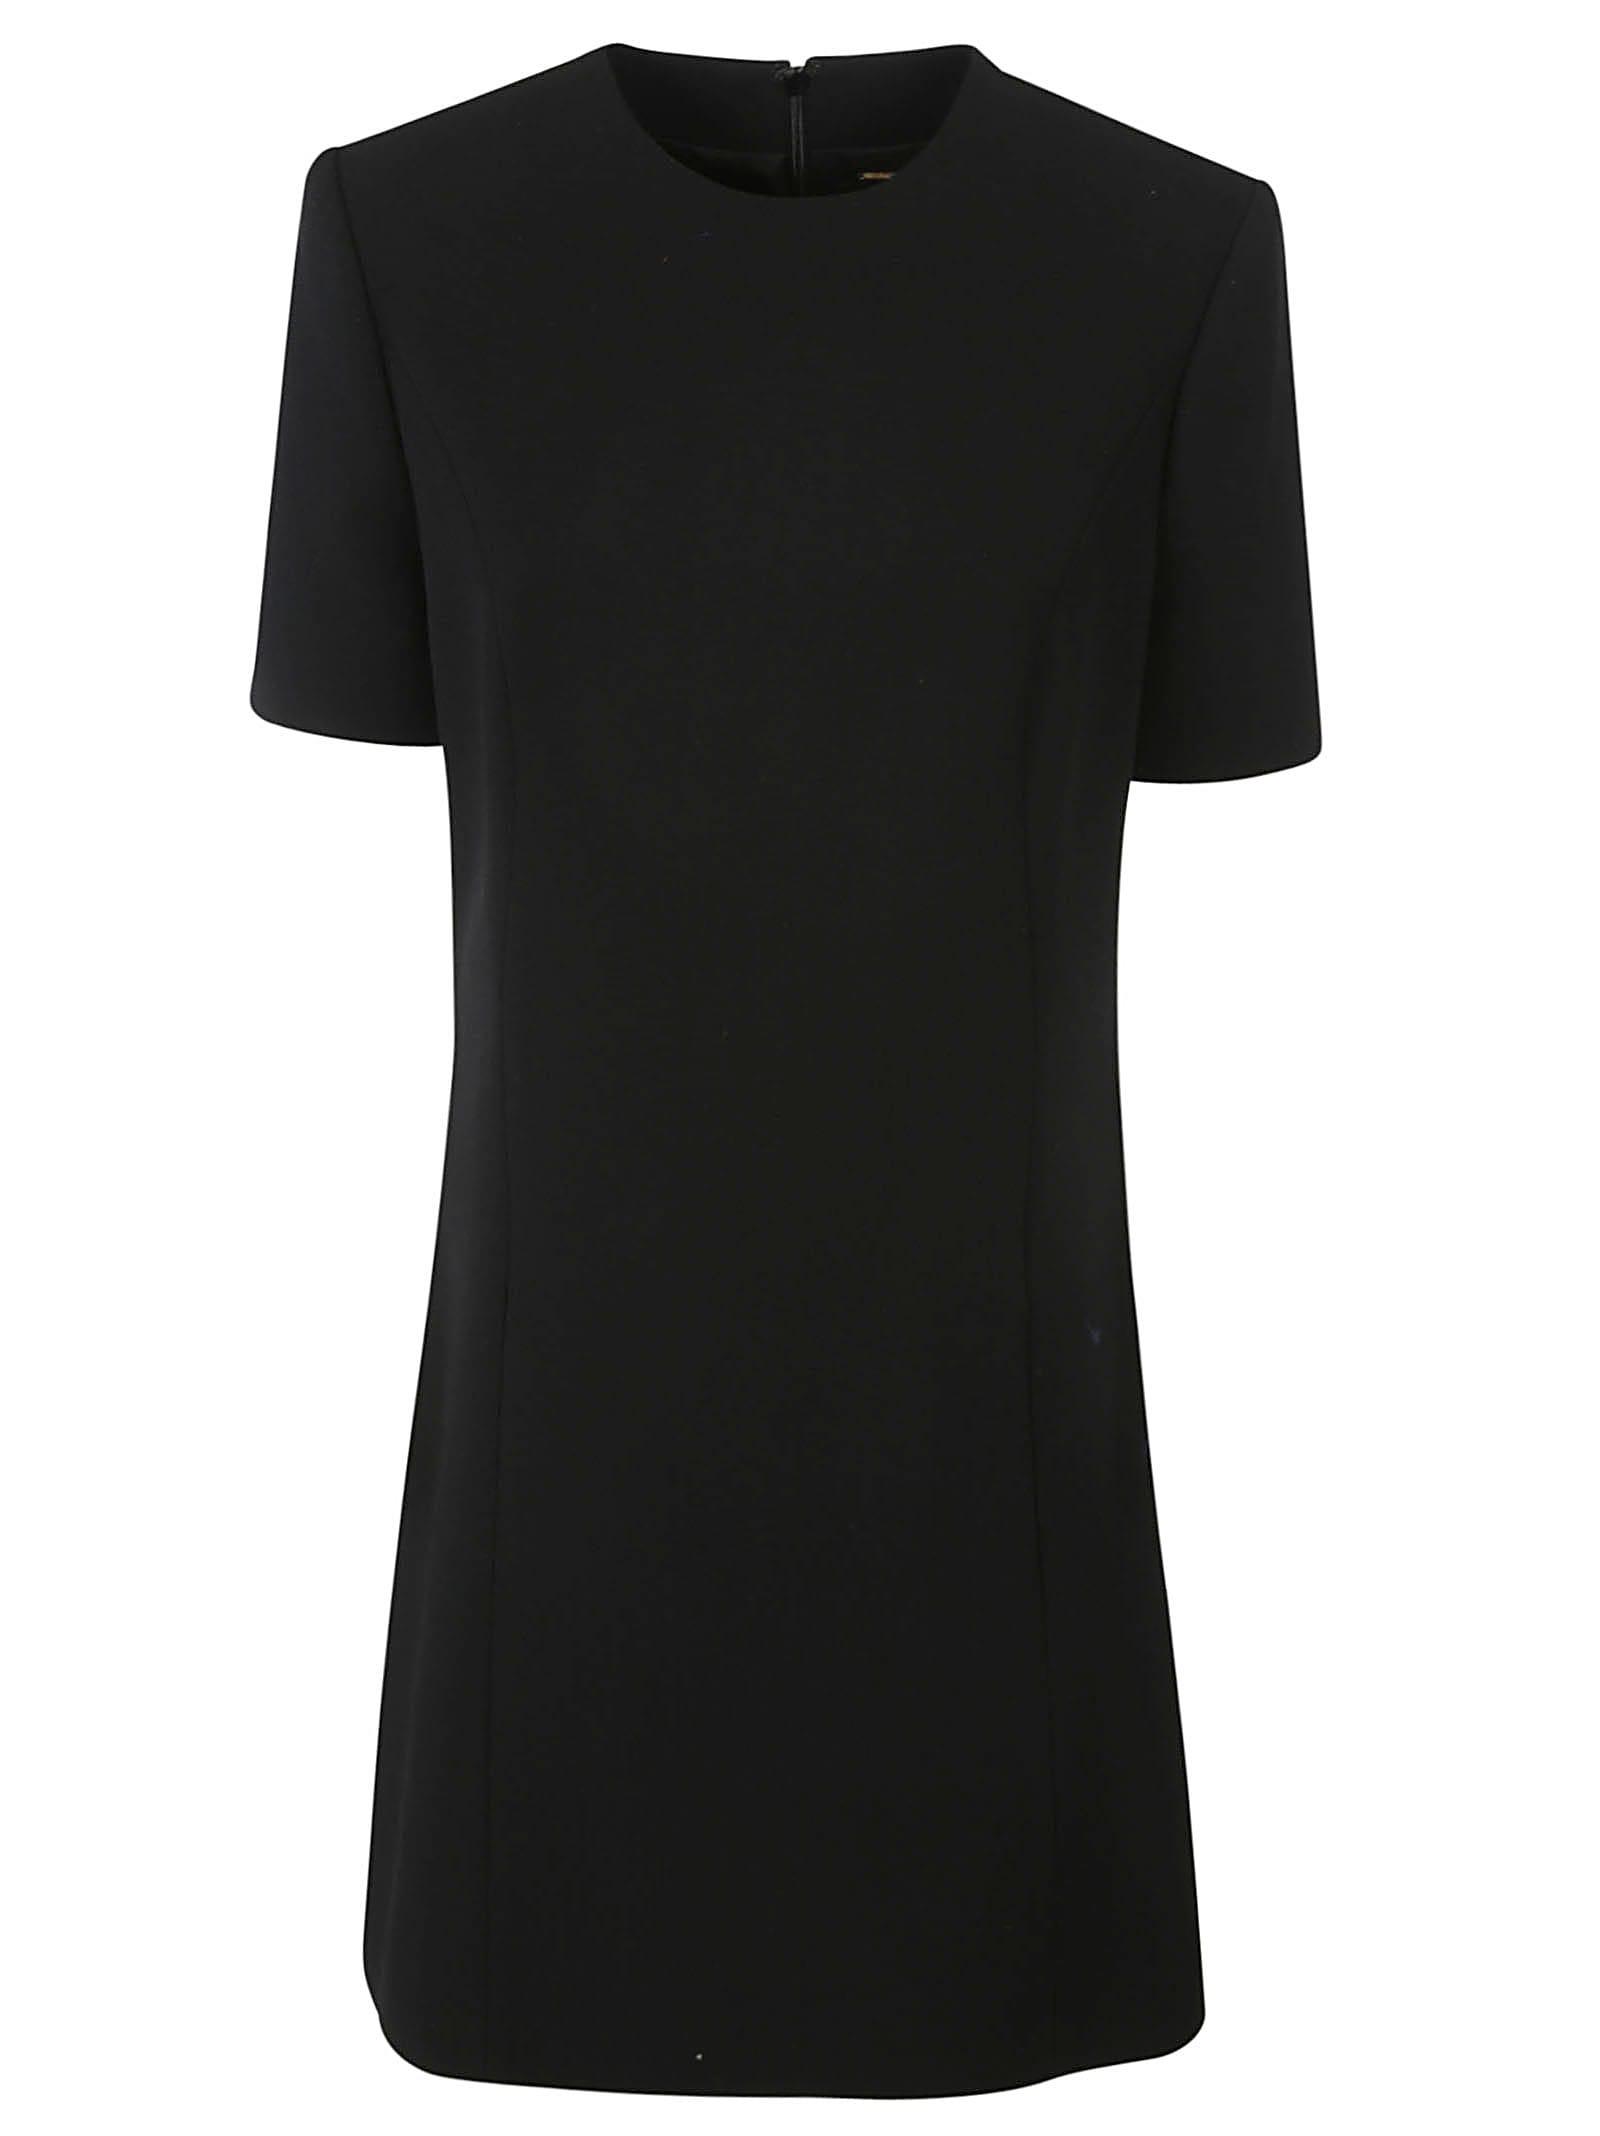 Buy Saint Laurent Rear Zipped Short Dress online, shop Saint Laurent with free shipping